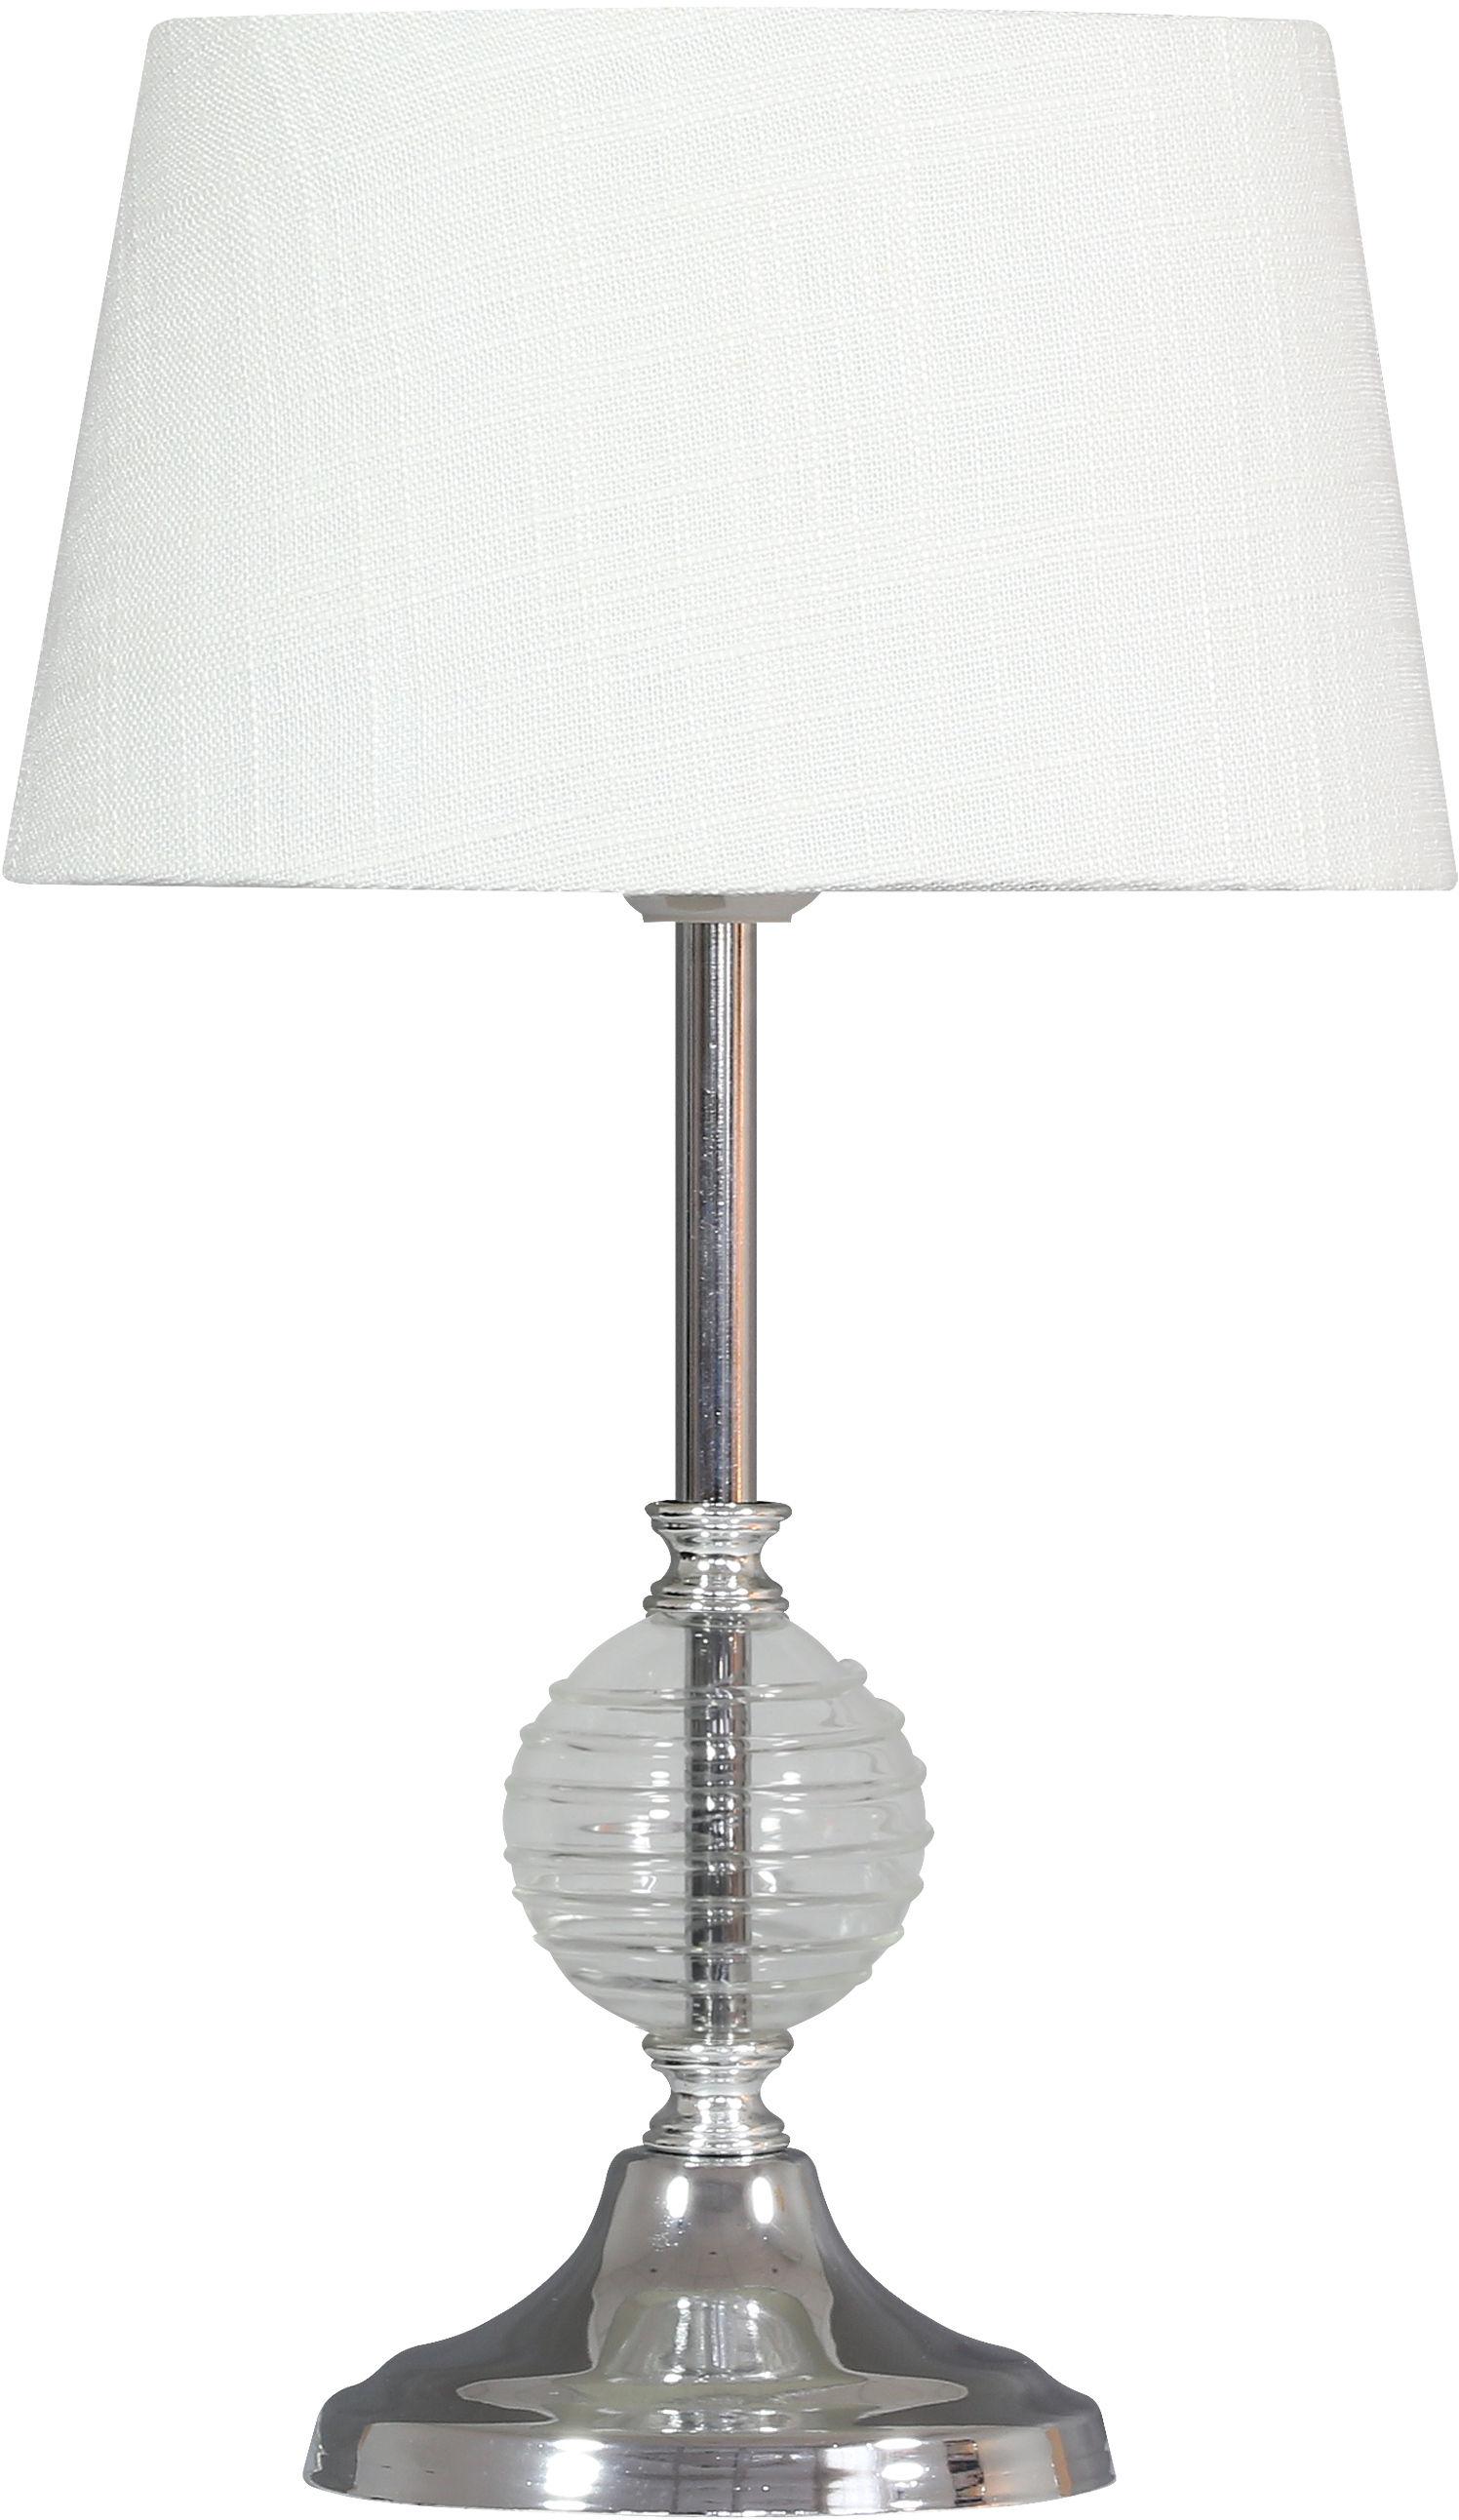 Candellux FERO 41-95046 lampa stołowa transparentna 1X60W E27 20 cm